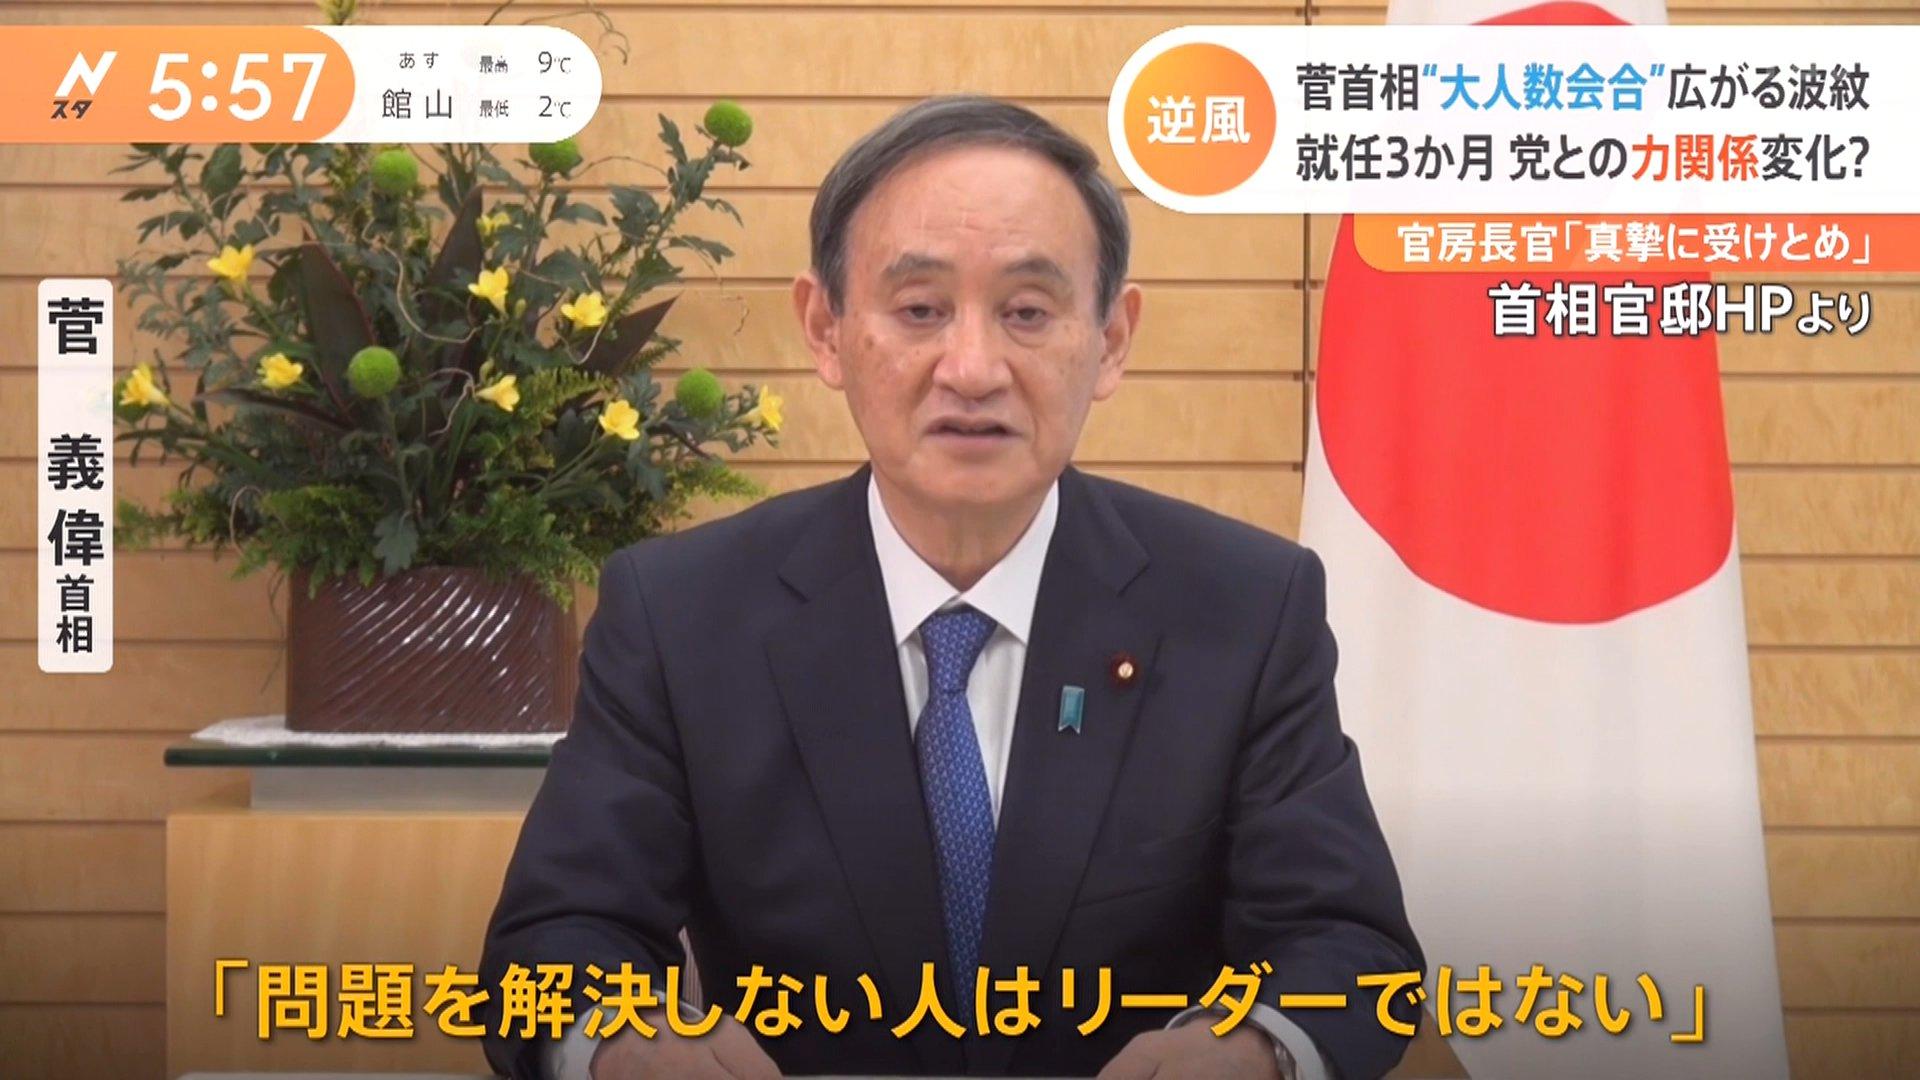 【スダレ速報】ガースー総理「第二回定額給付金10万円の予算を確保したゾ」